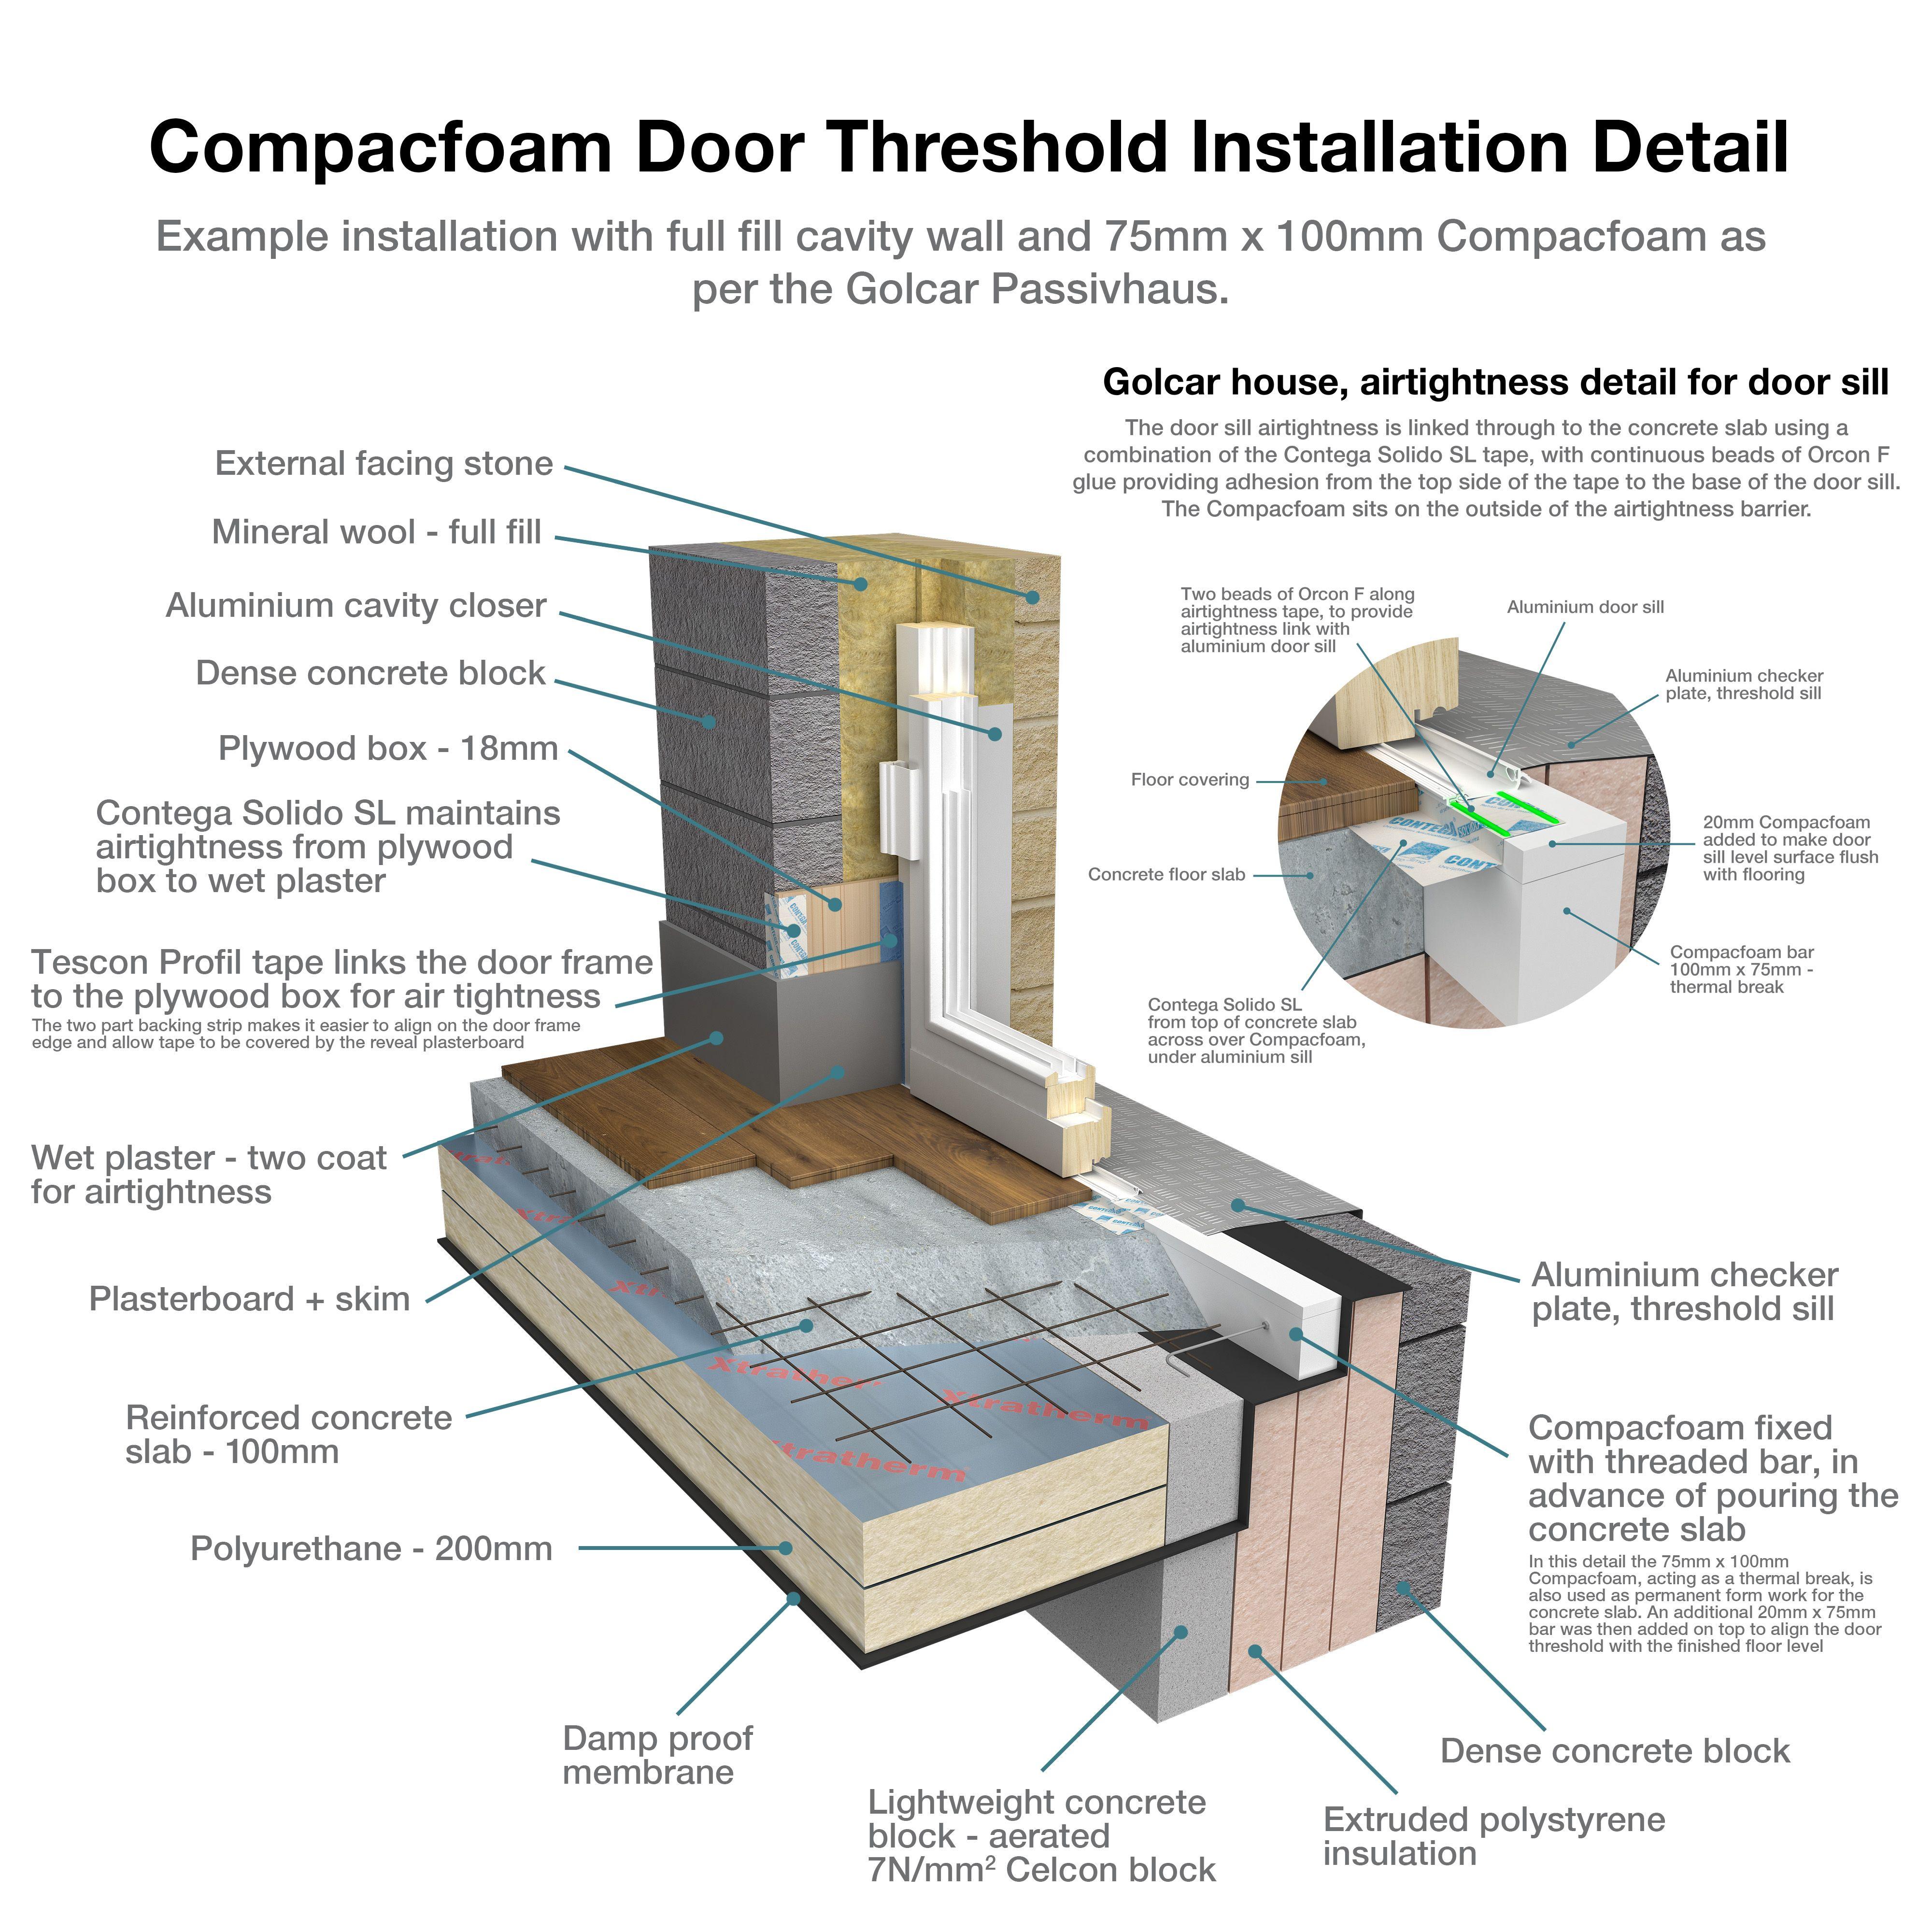 Golcar Passivhaus: Door Thresholds Green Building Store